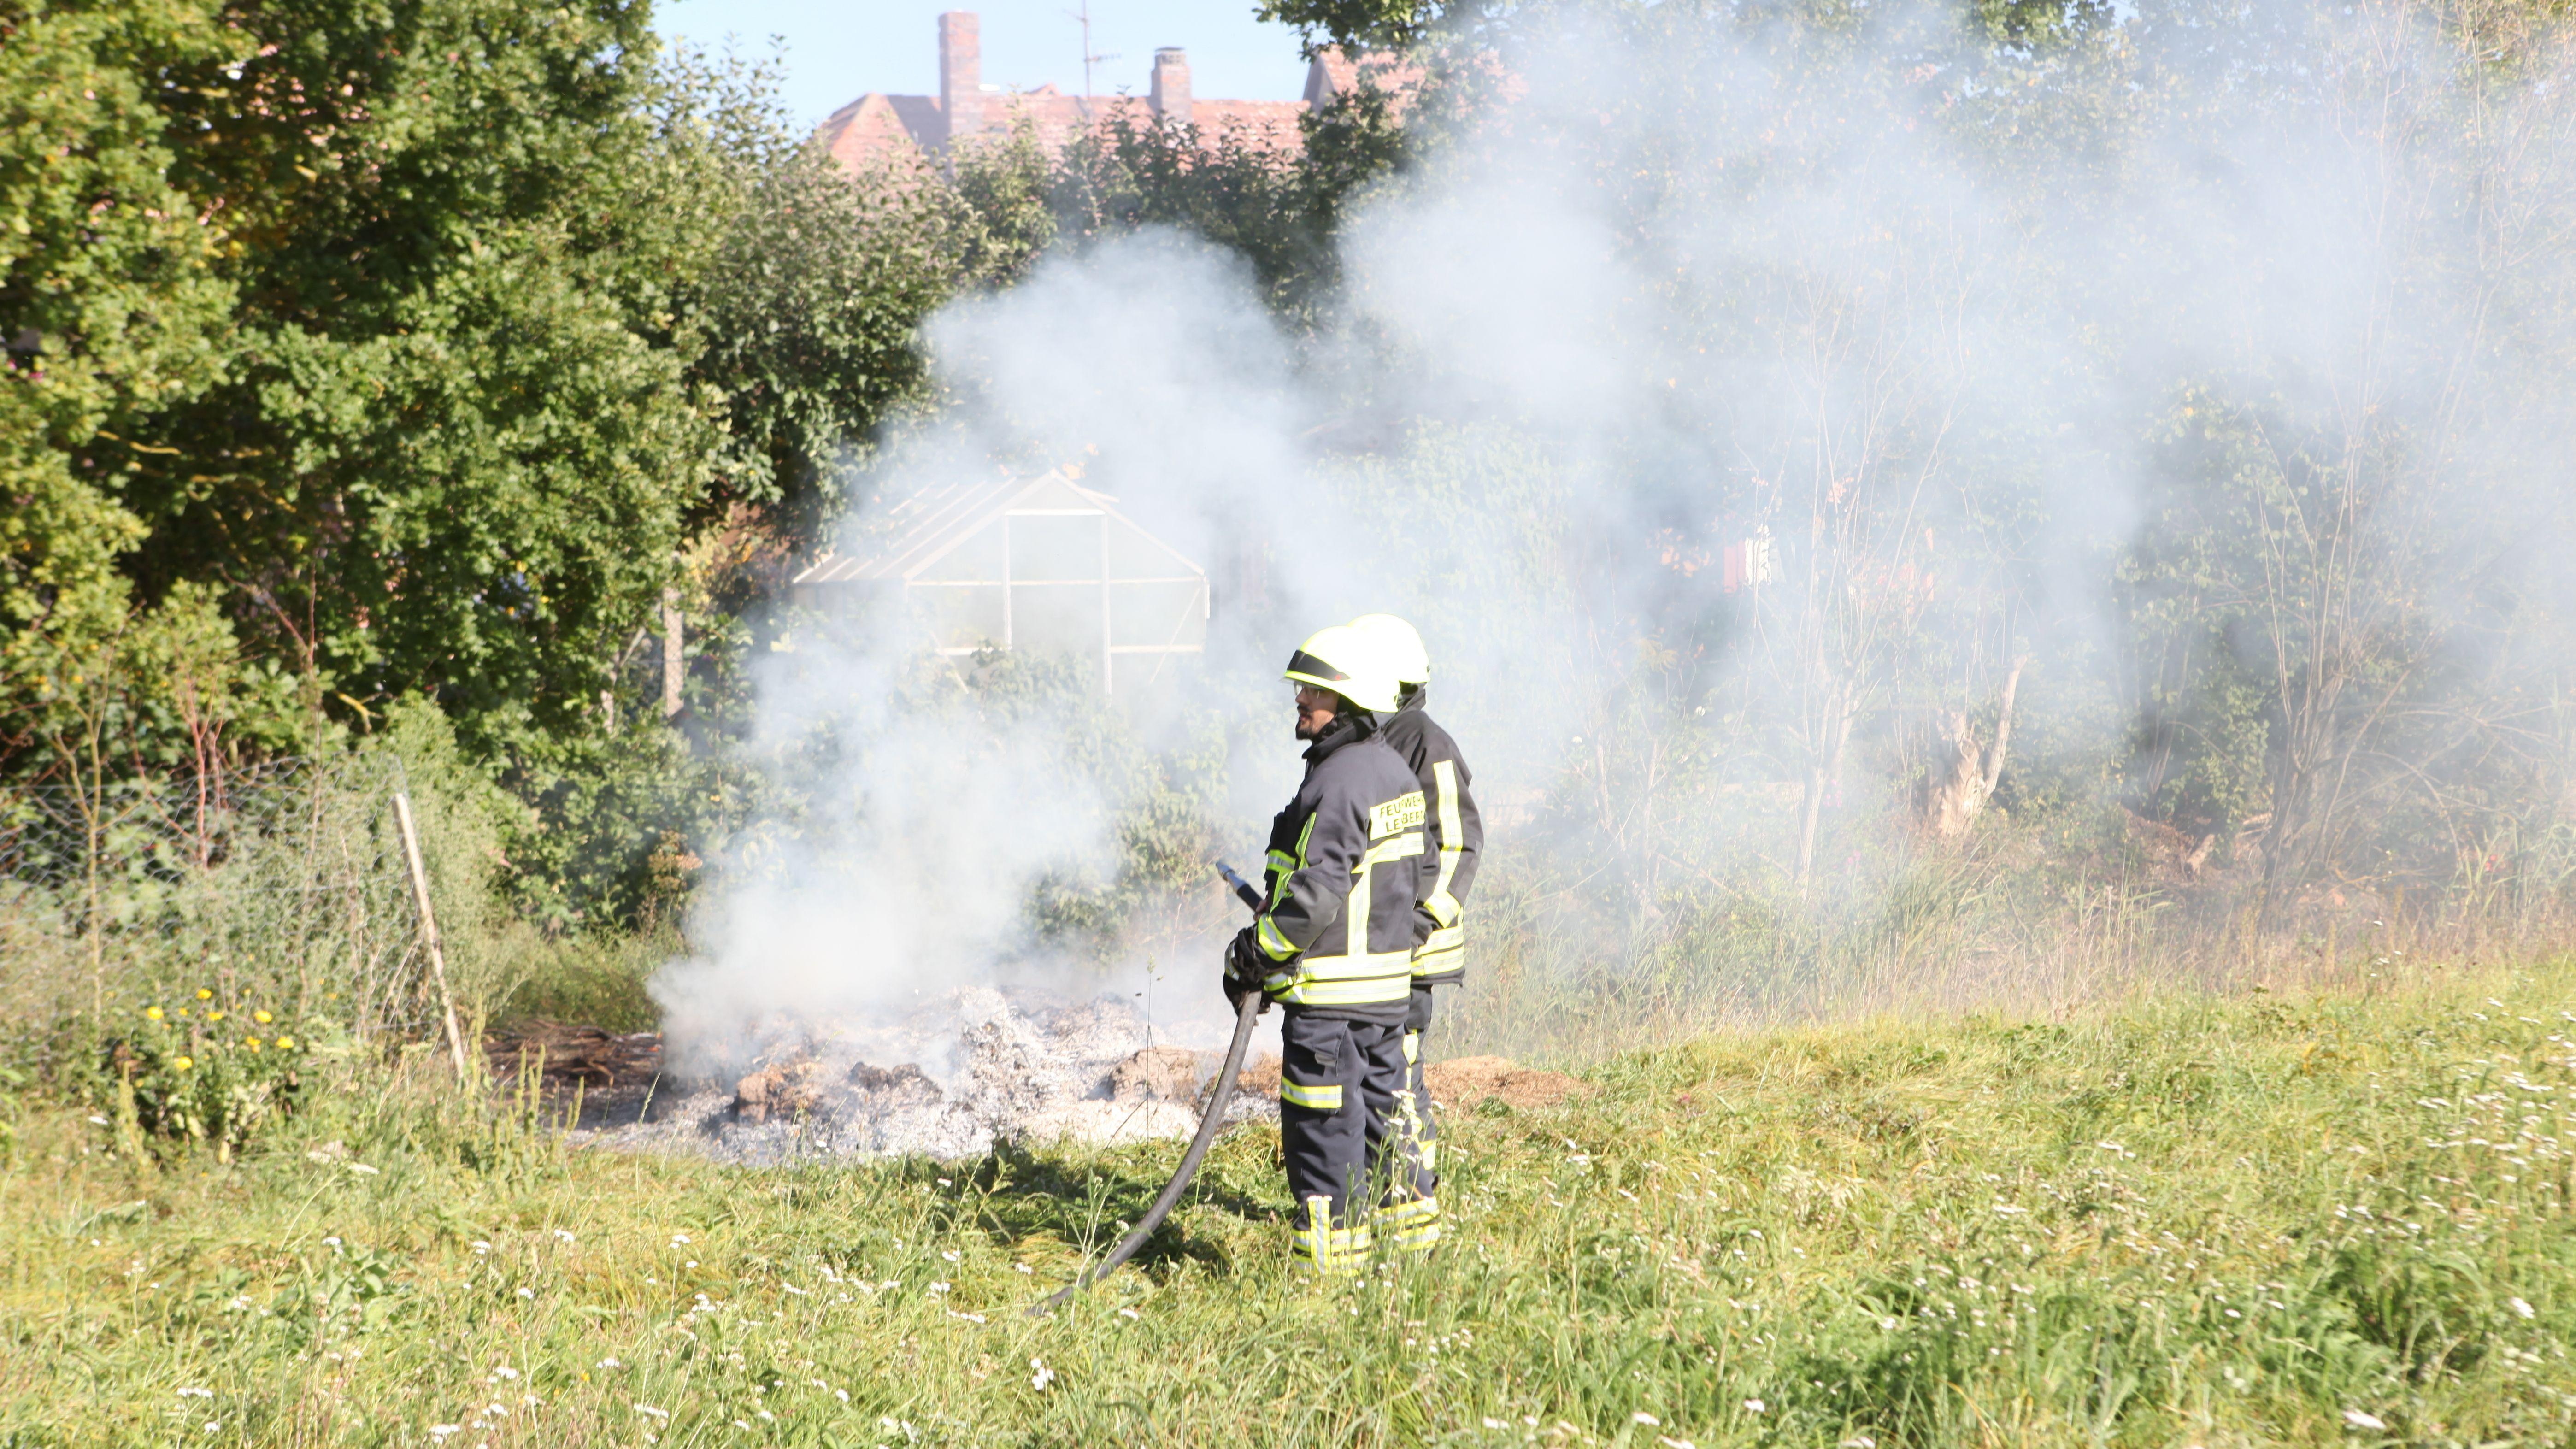 Landkreis Ansbach: Feuerwehr beim Löschen behindert